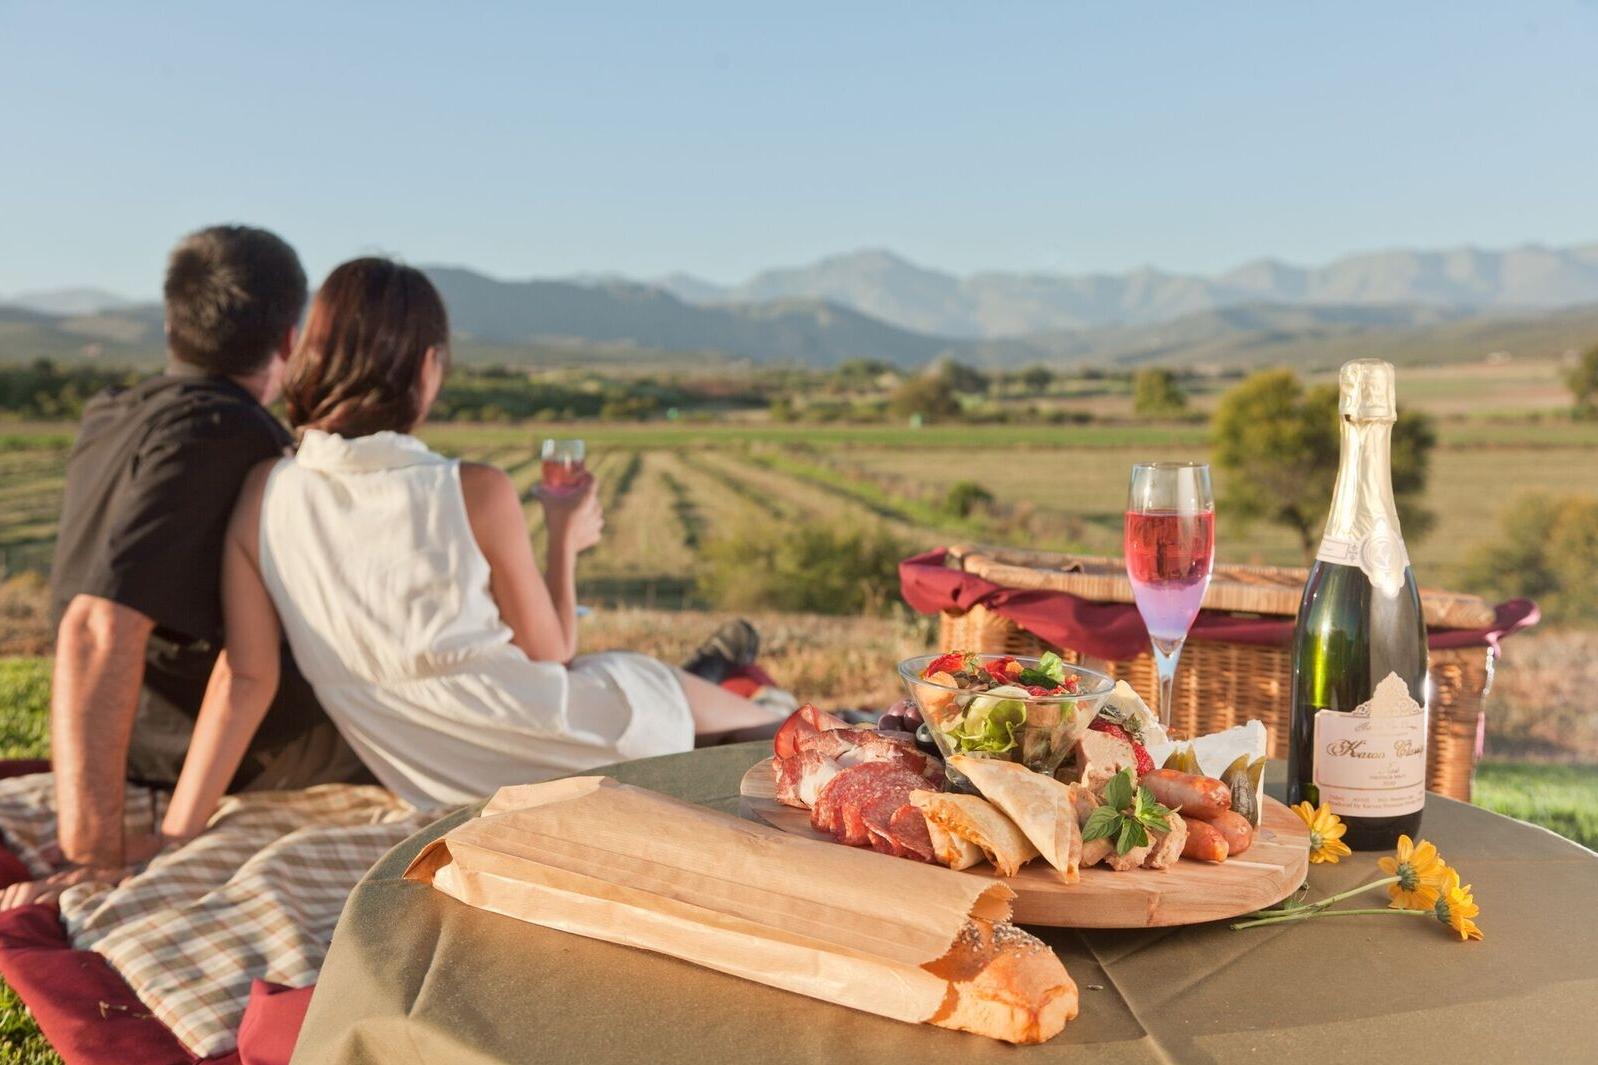 Romantisches Picknick an der Gartenroute